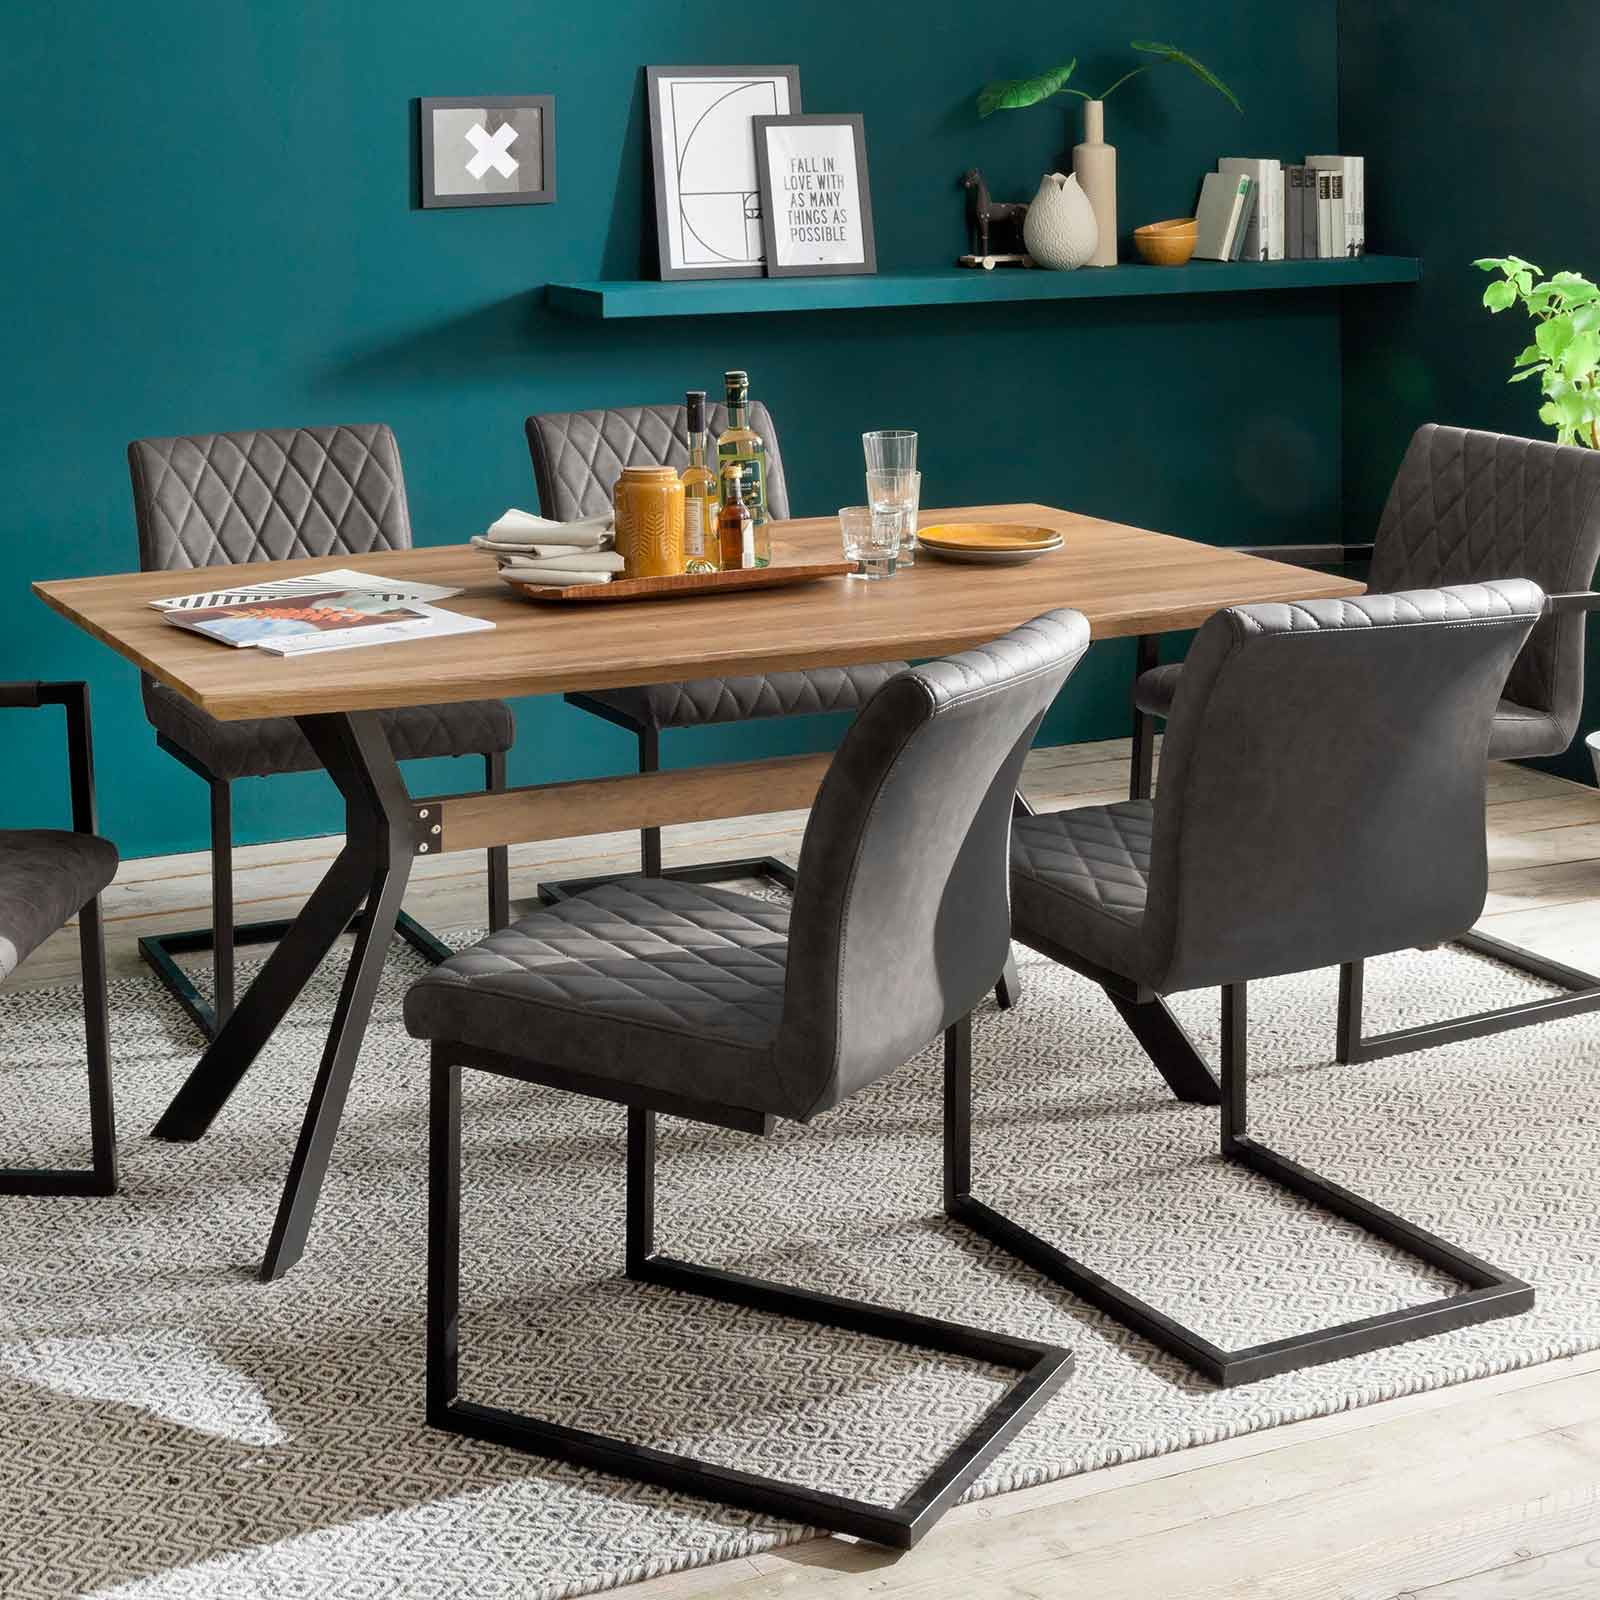 freischwinger kina i schwingstuhl in grau 4er set. Black Bedroom Furniture Sets. Home Design Ideas